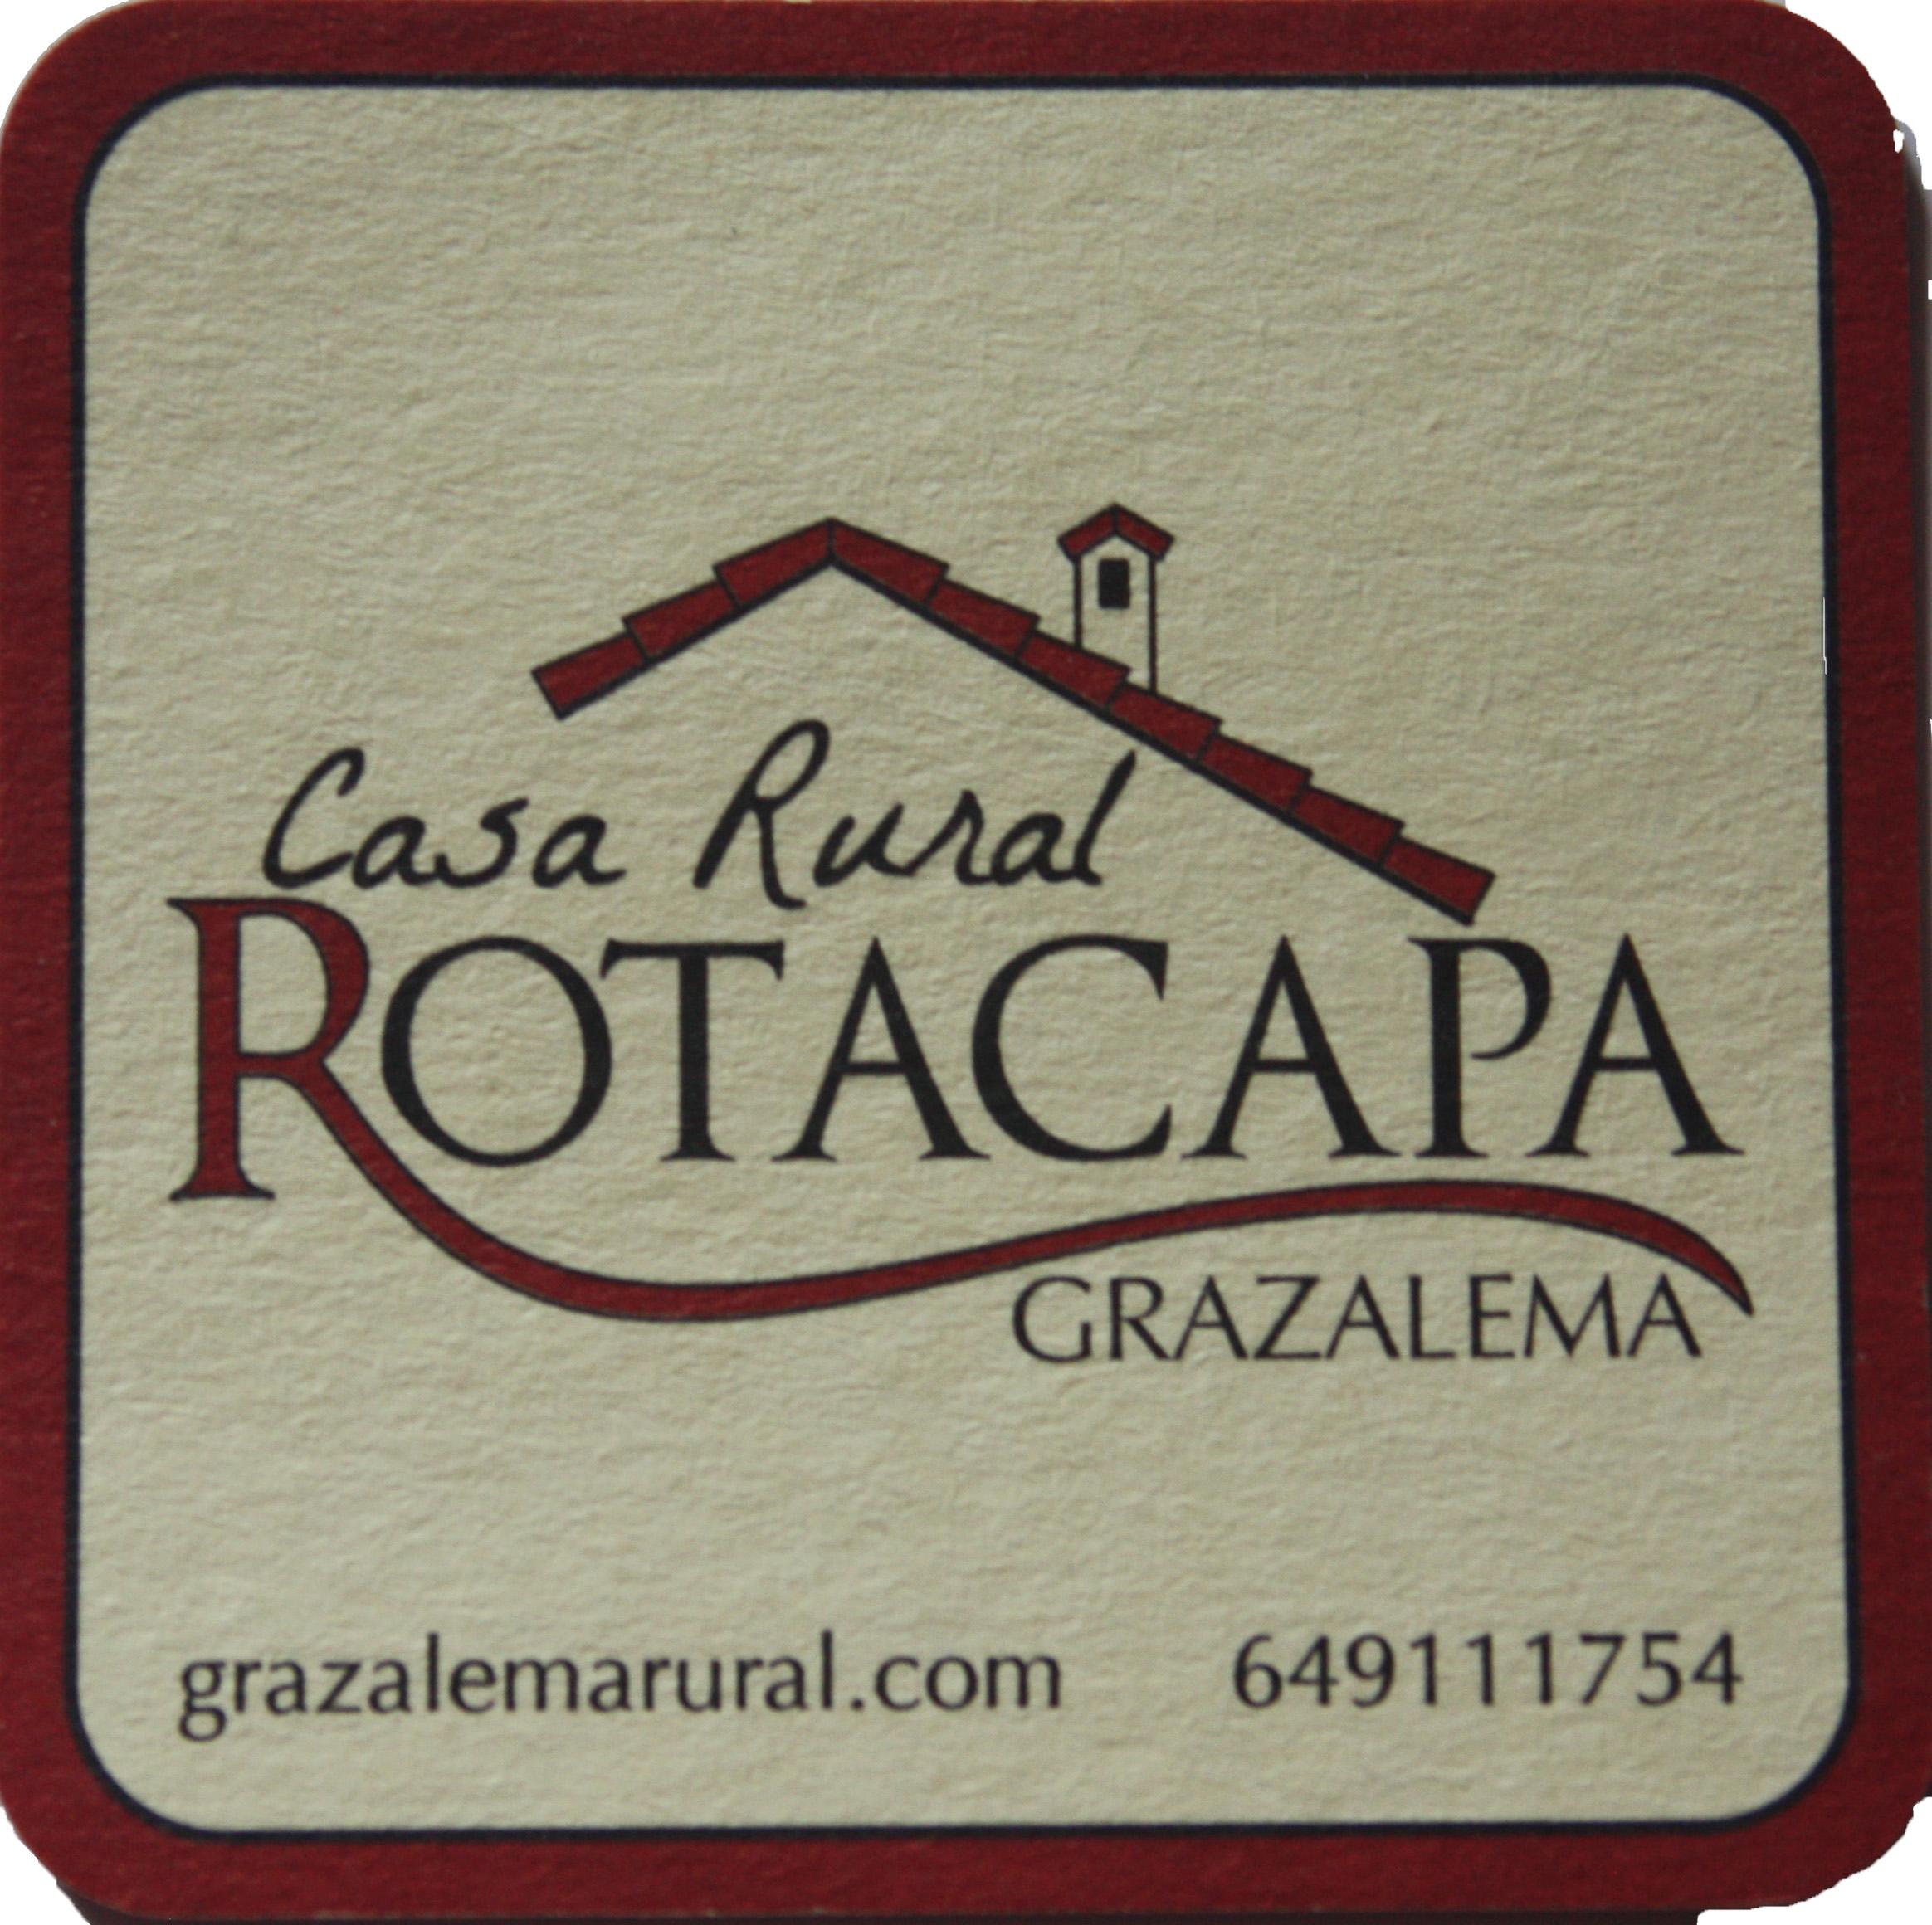 Casa Rural ROTACAPA